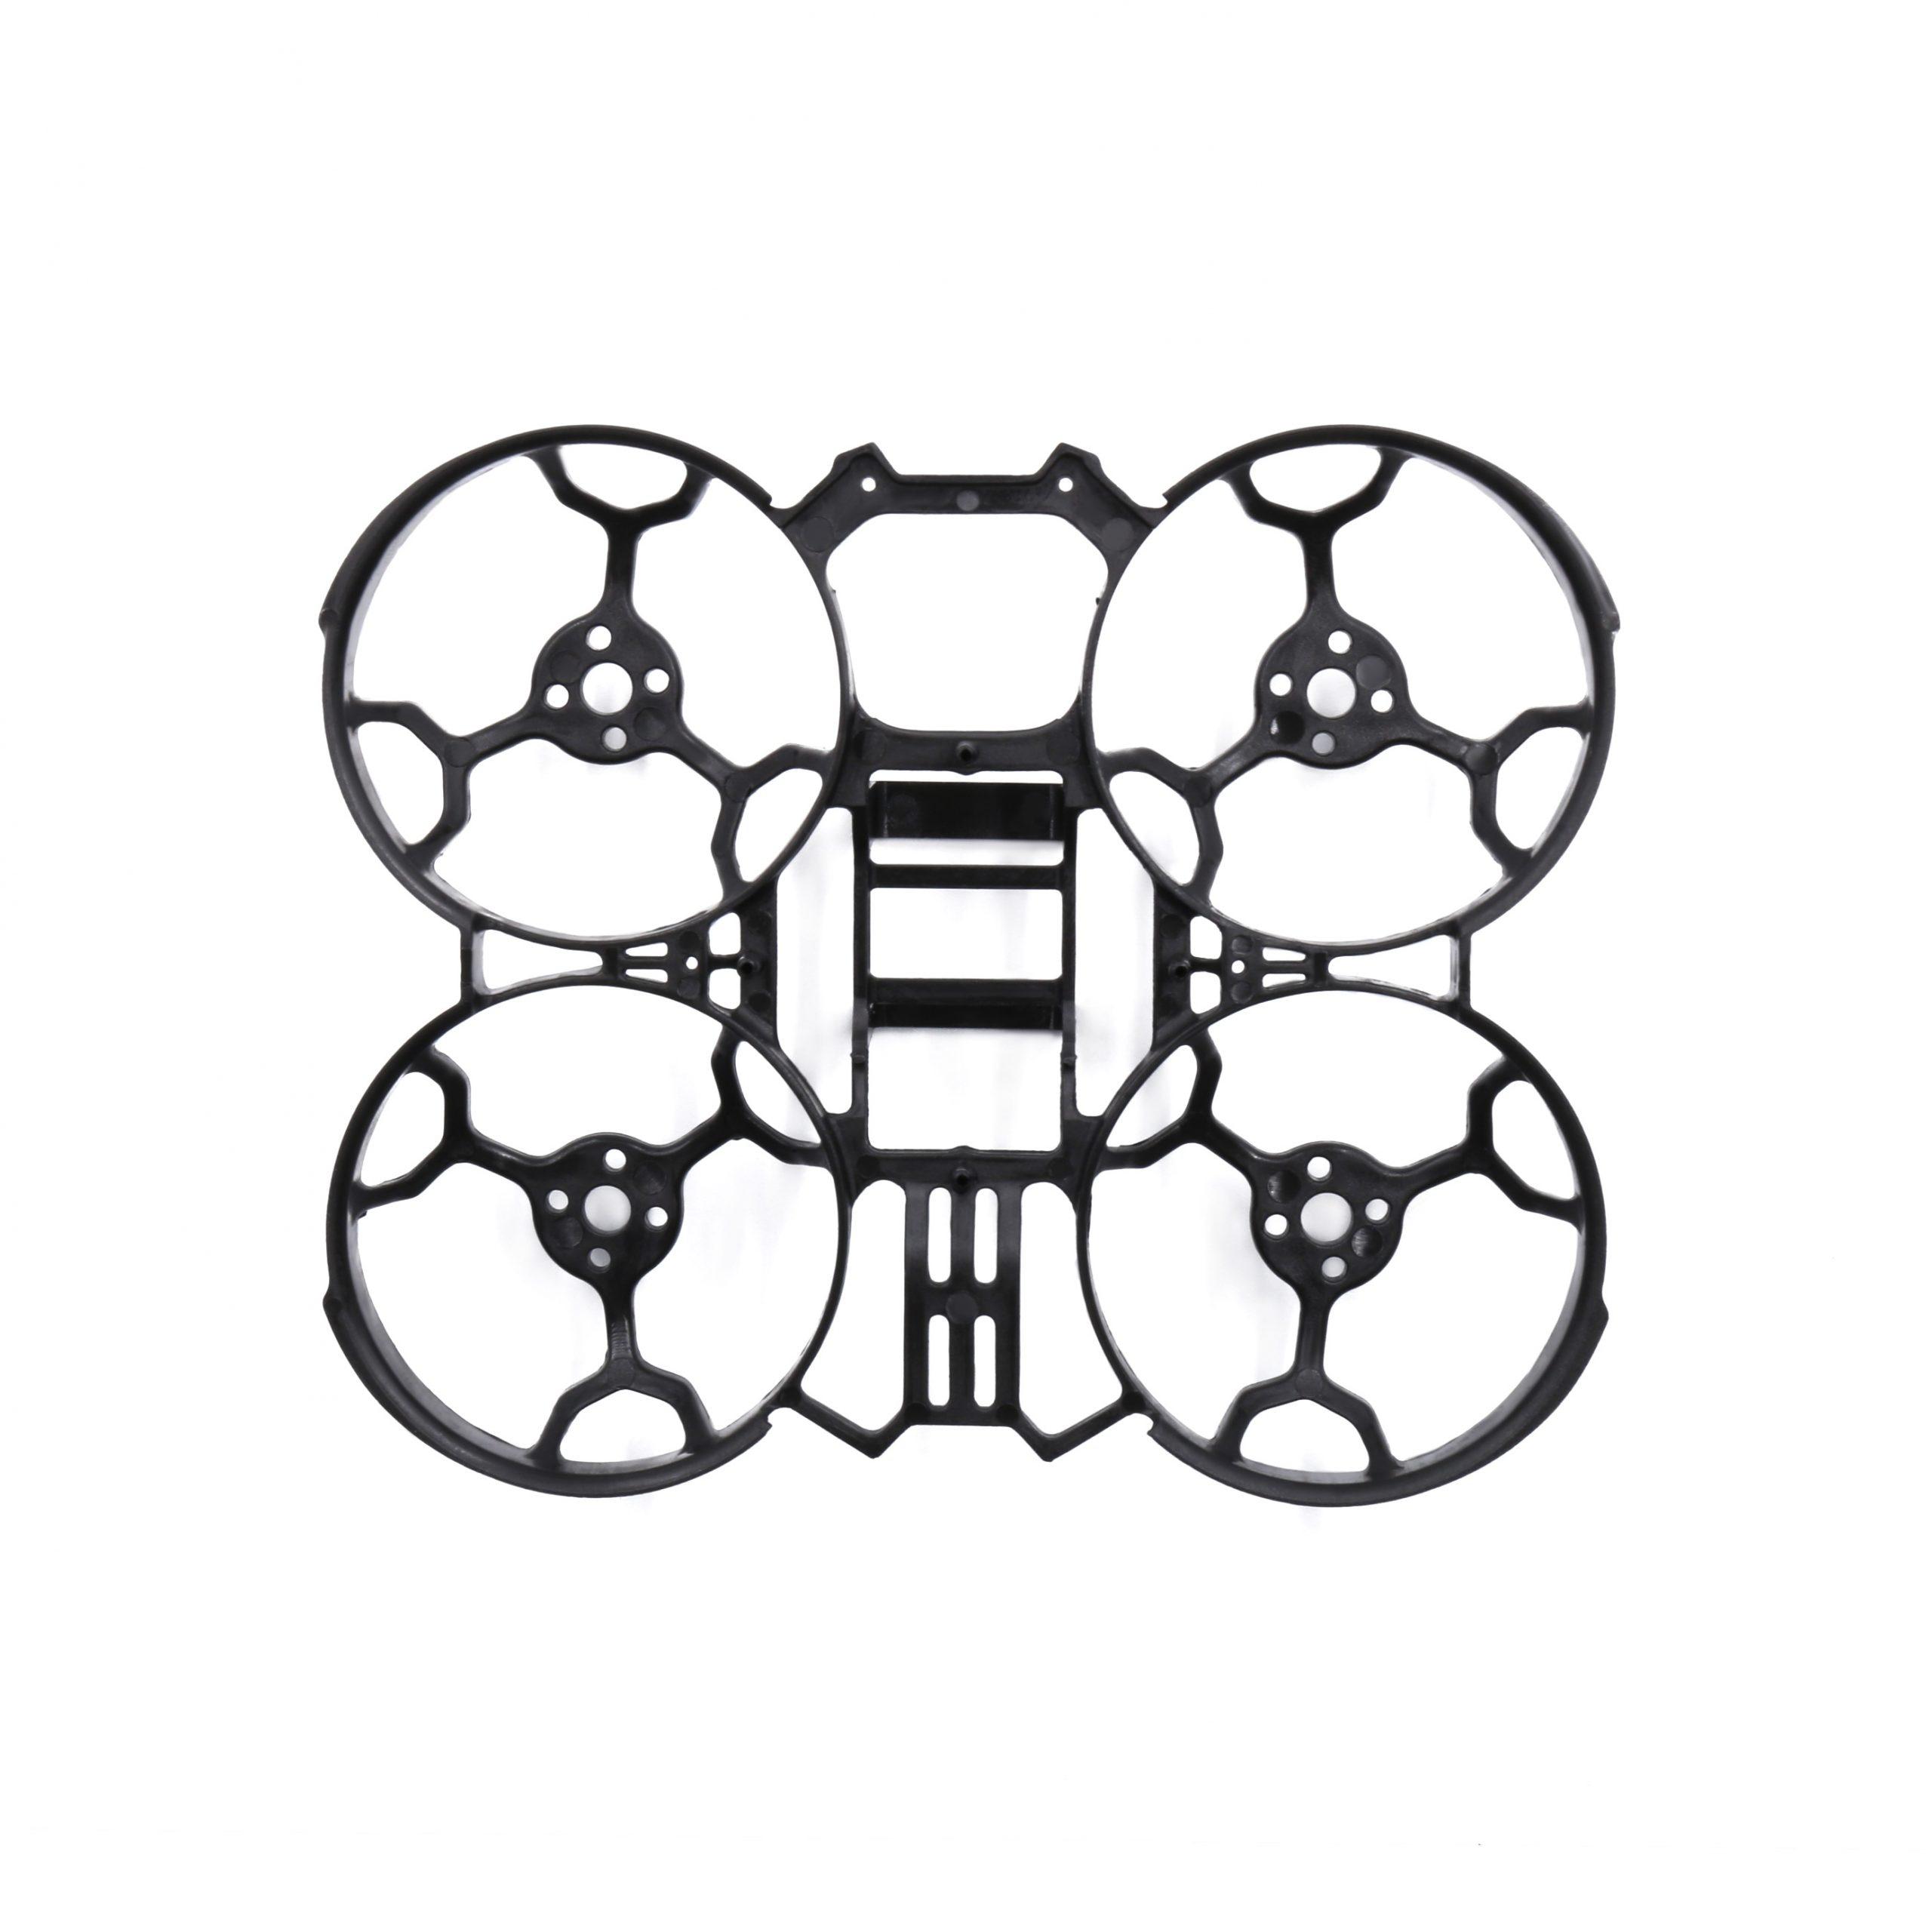 GEPRC GEP-TKP16 Frame Parts